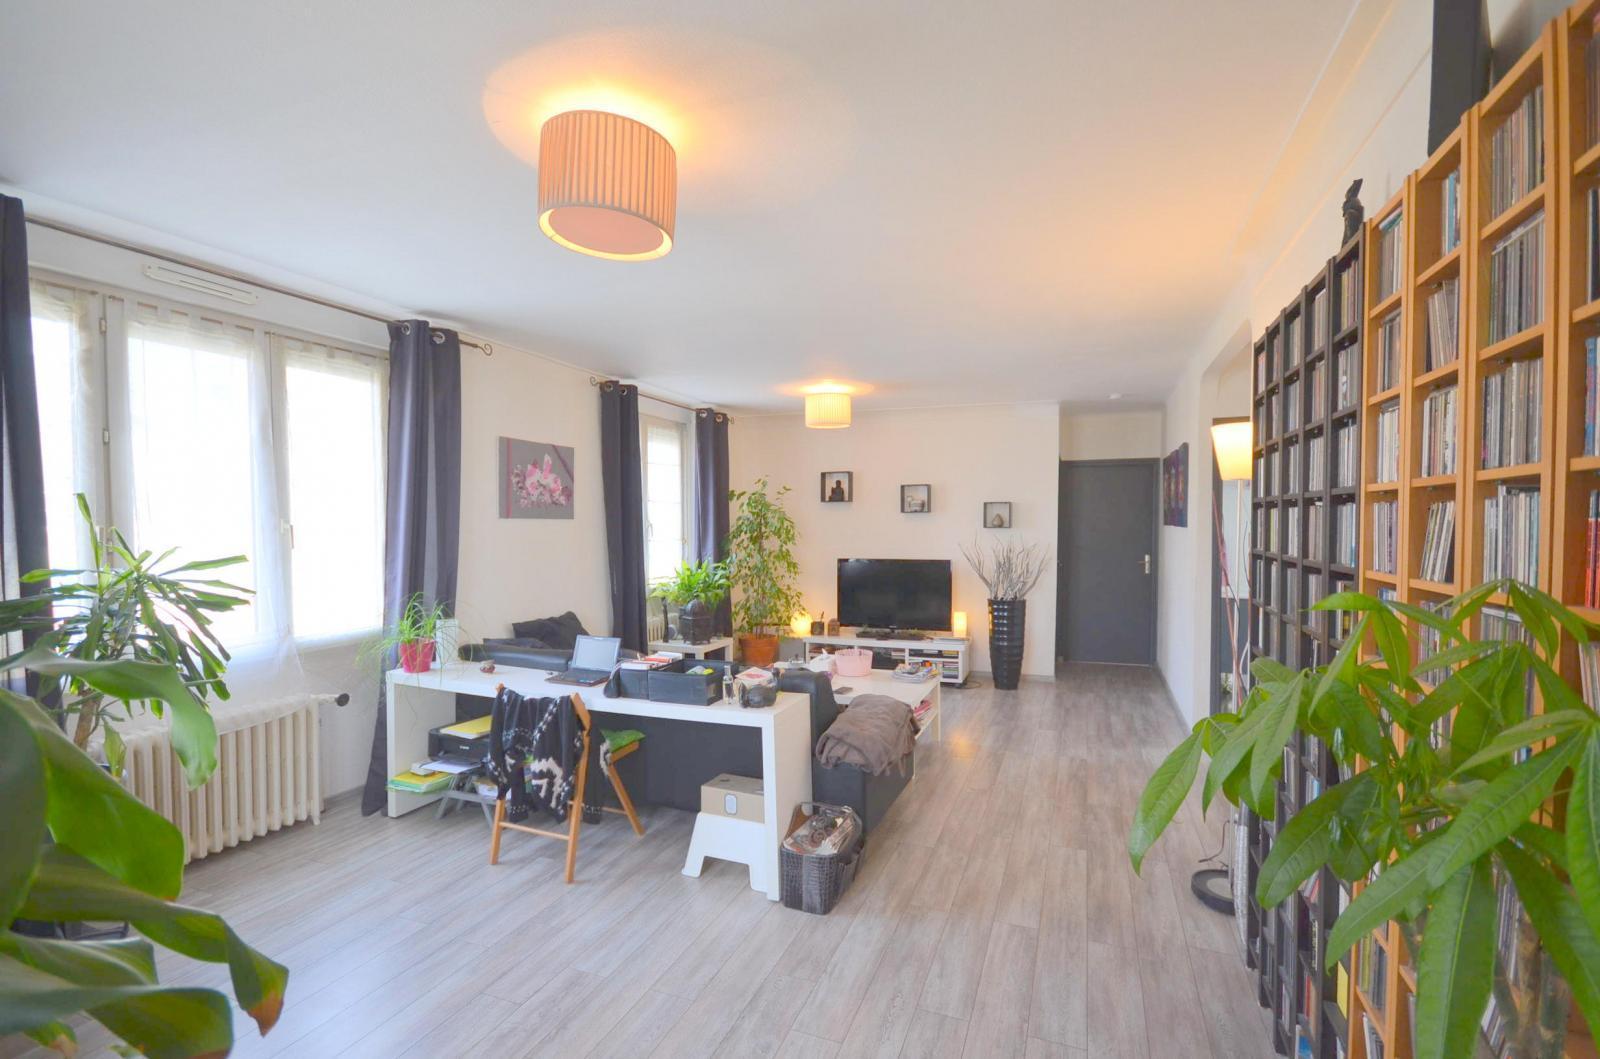 BREST LAMBE: très jolie maison rénovée de 130m² avec garage et jardin clos